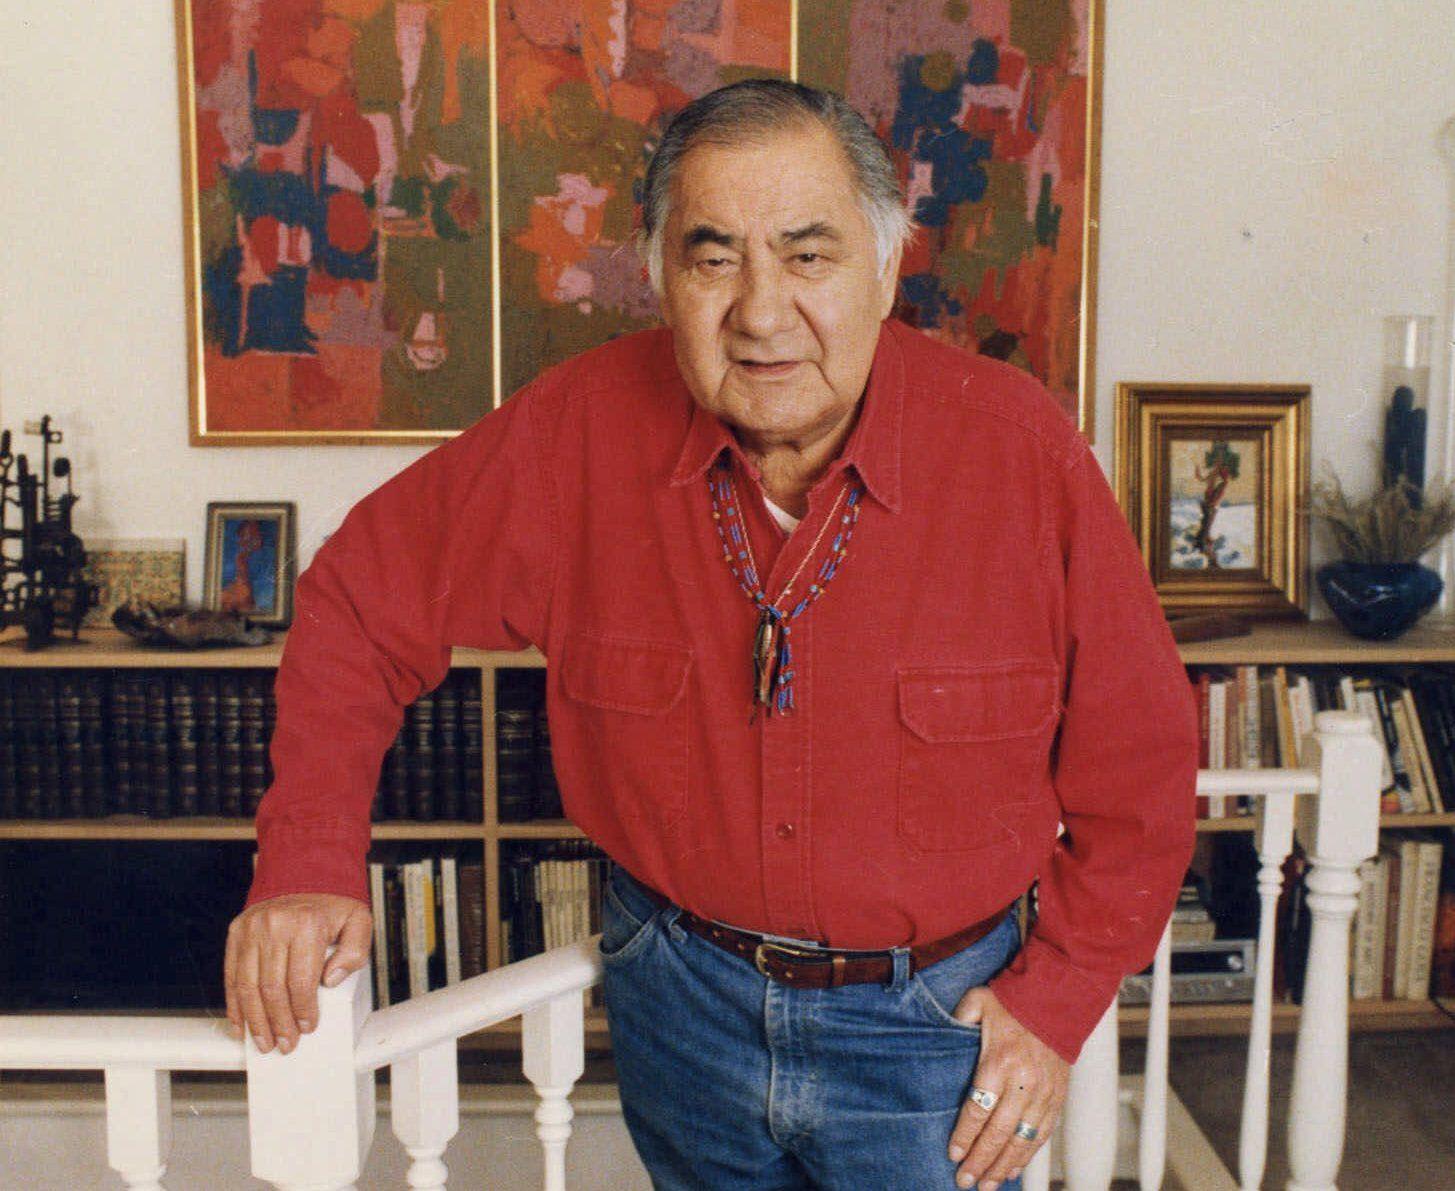 Minnesota artist George Morrison is